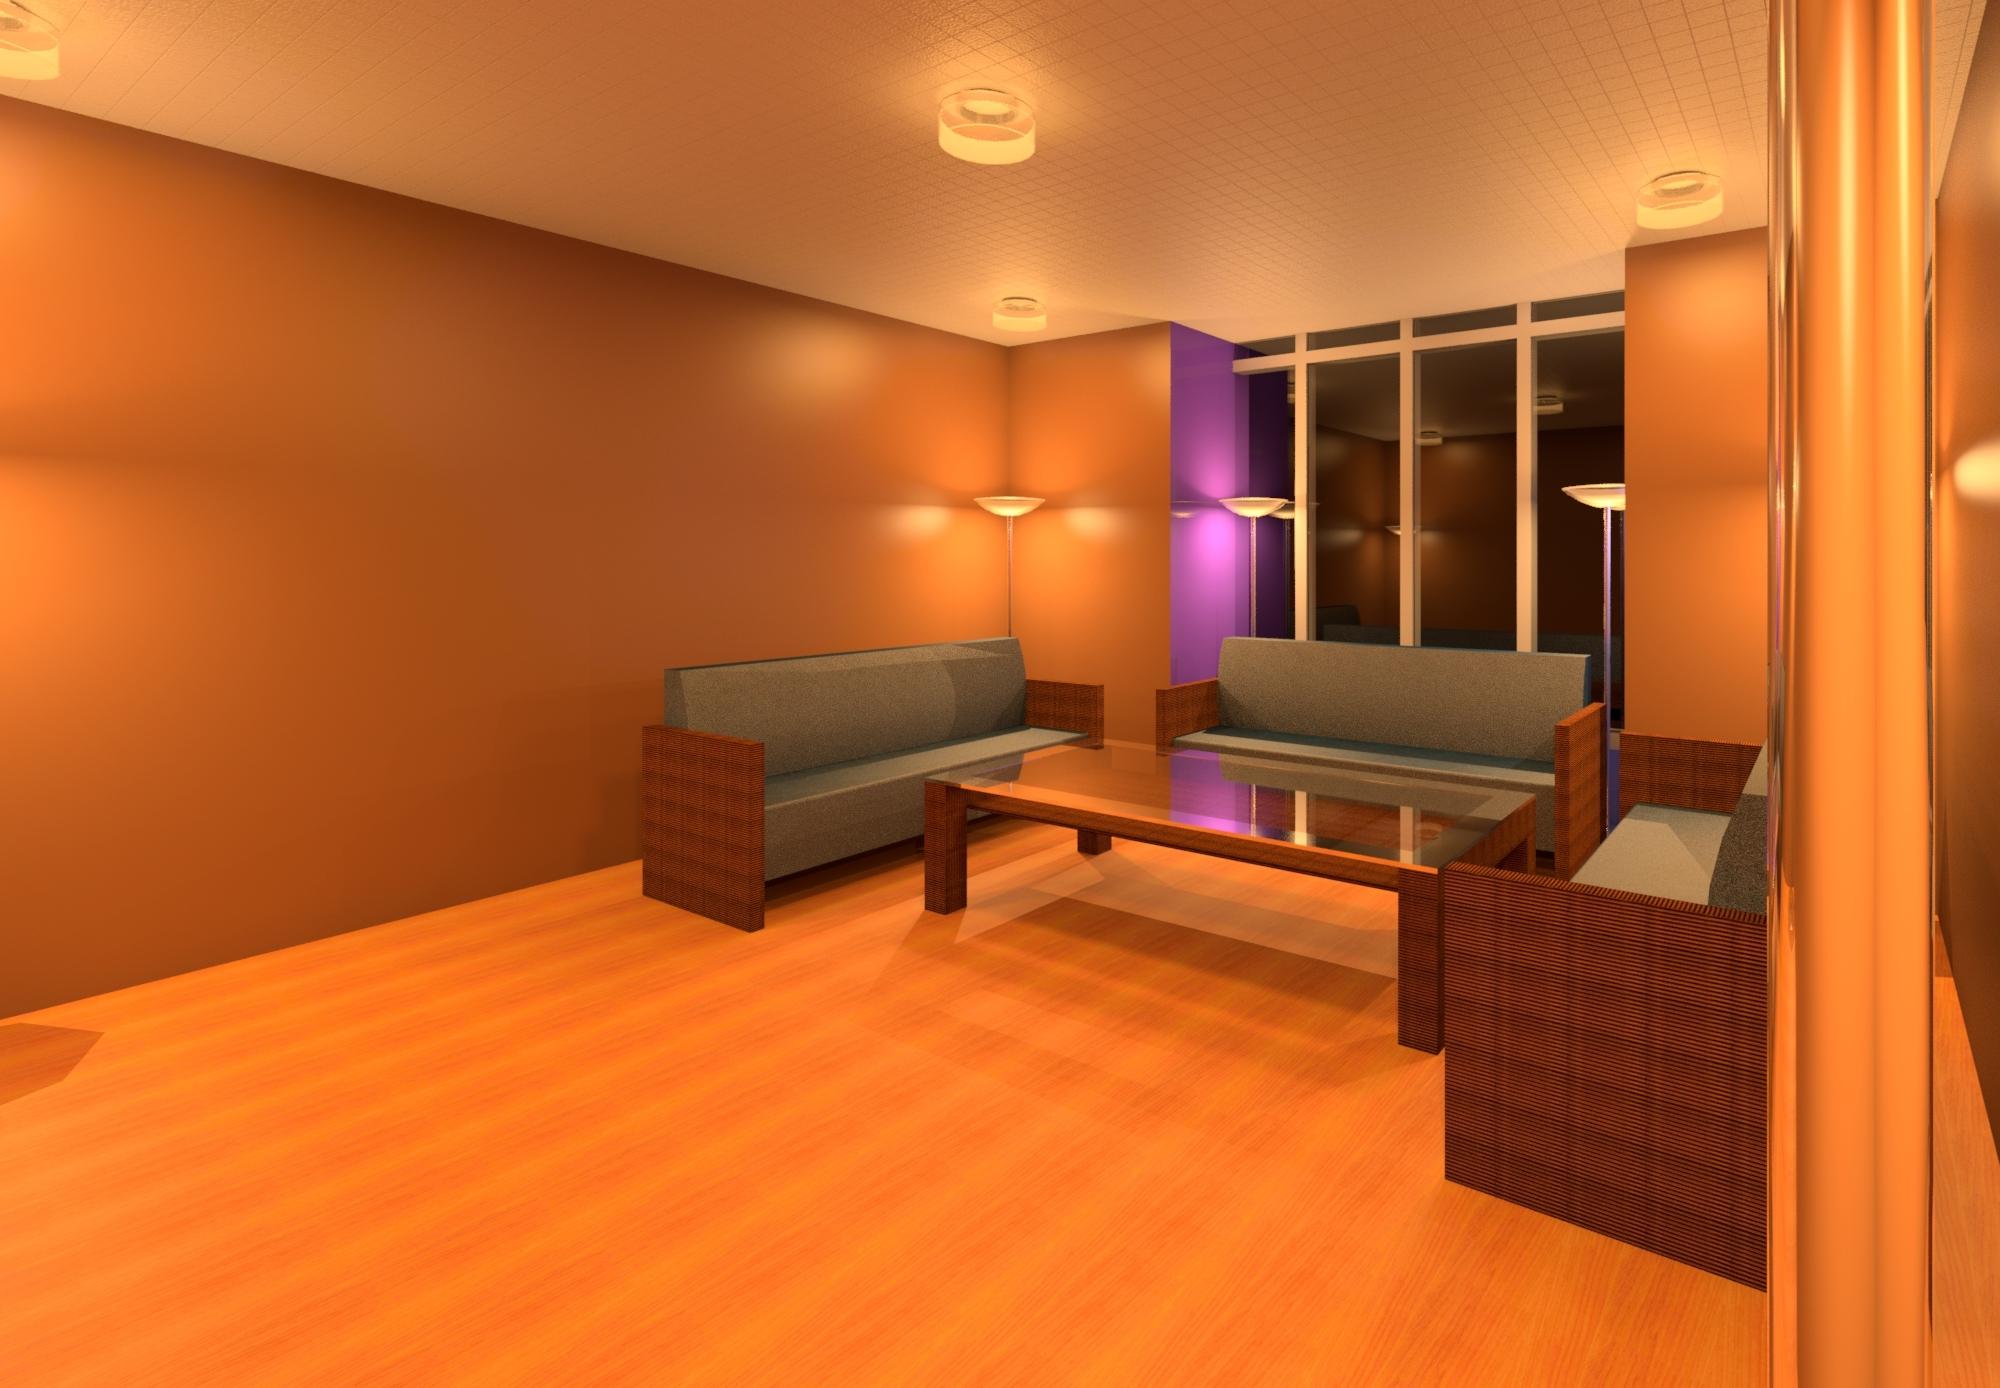 Raas-rendering20141121-25171-13q5h3m